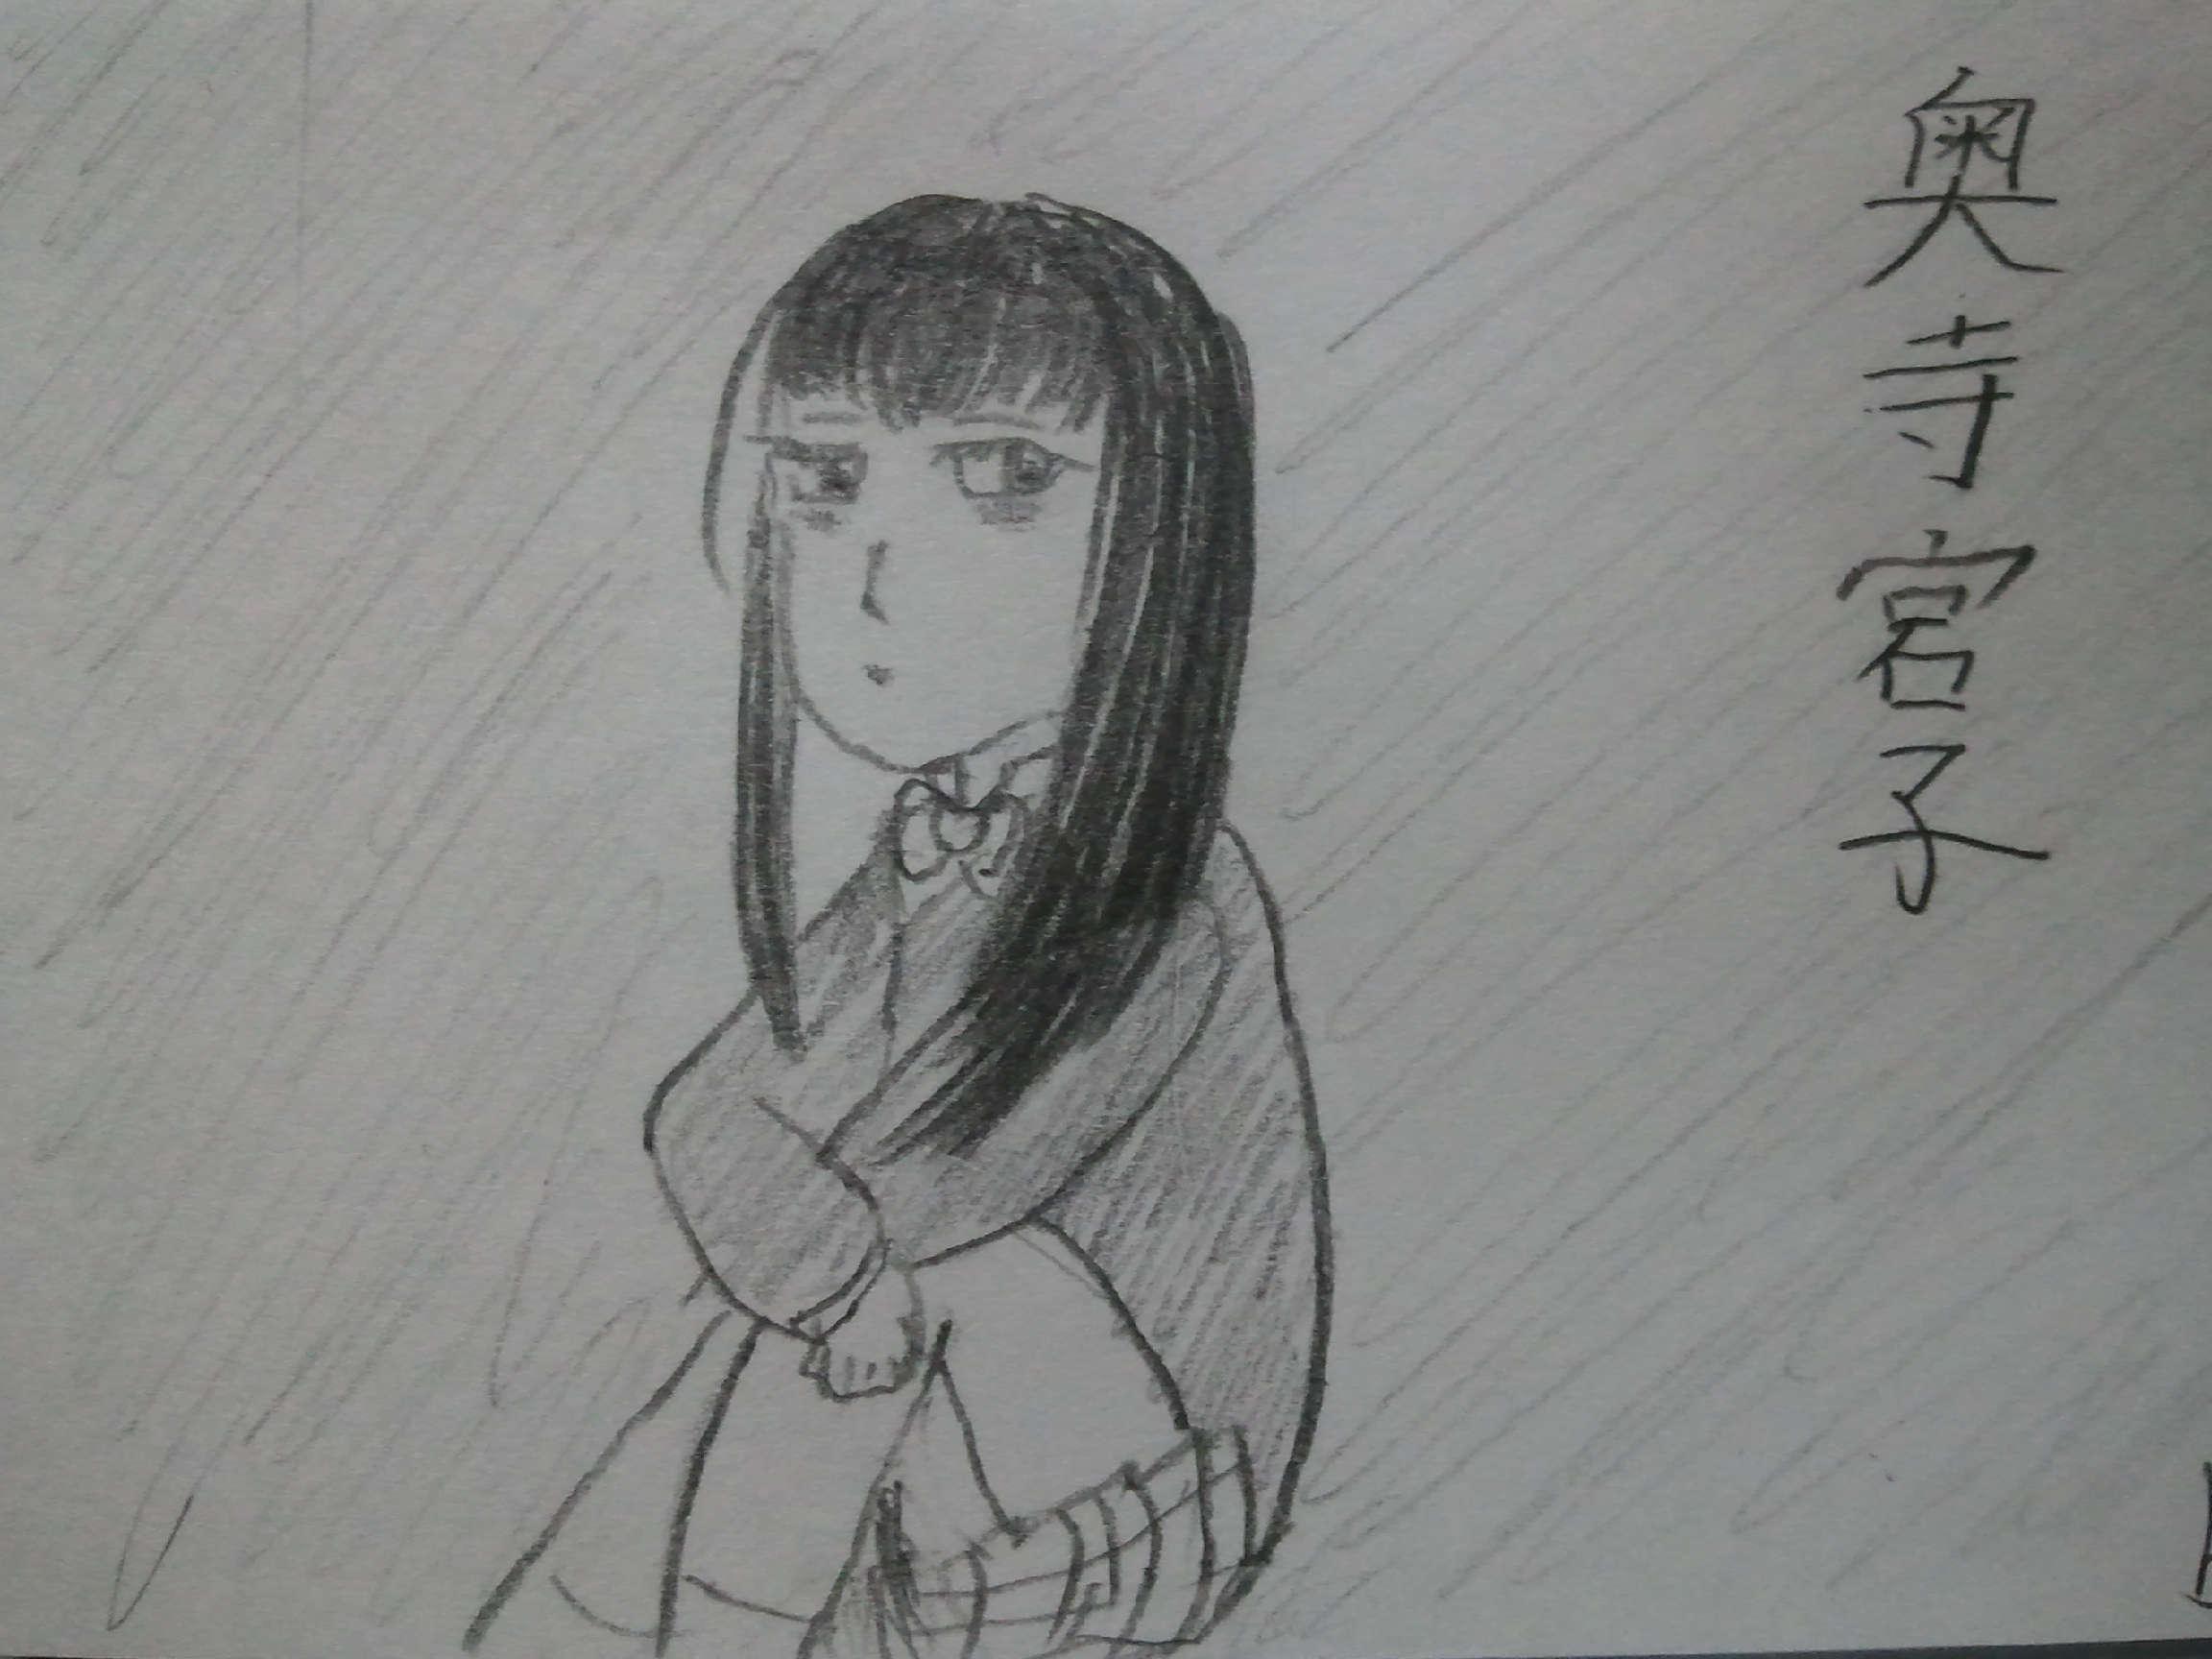 メインキャラのコンセプトアート